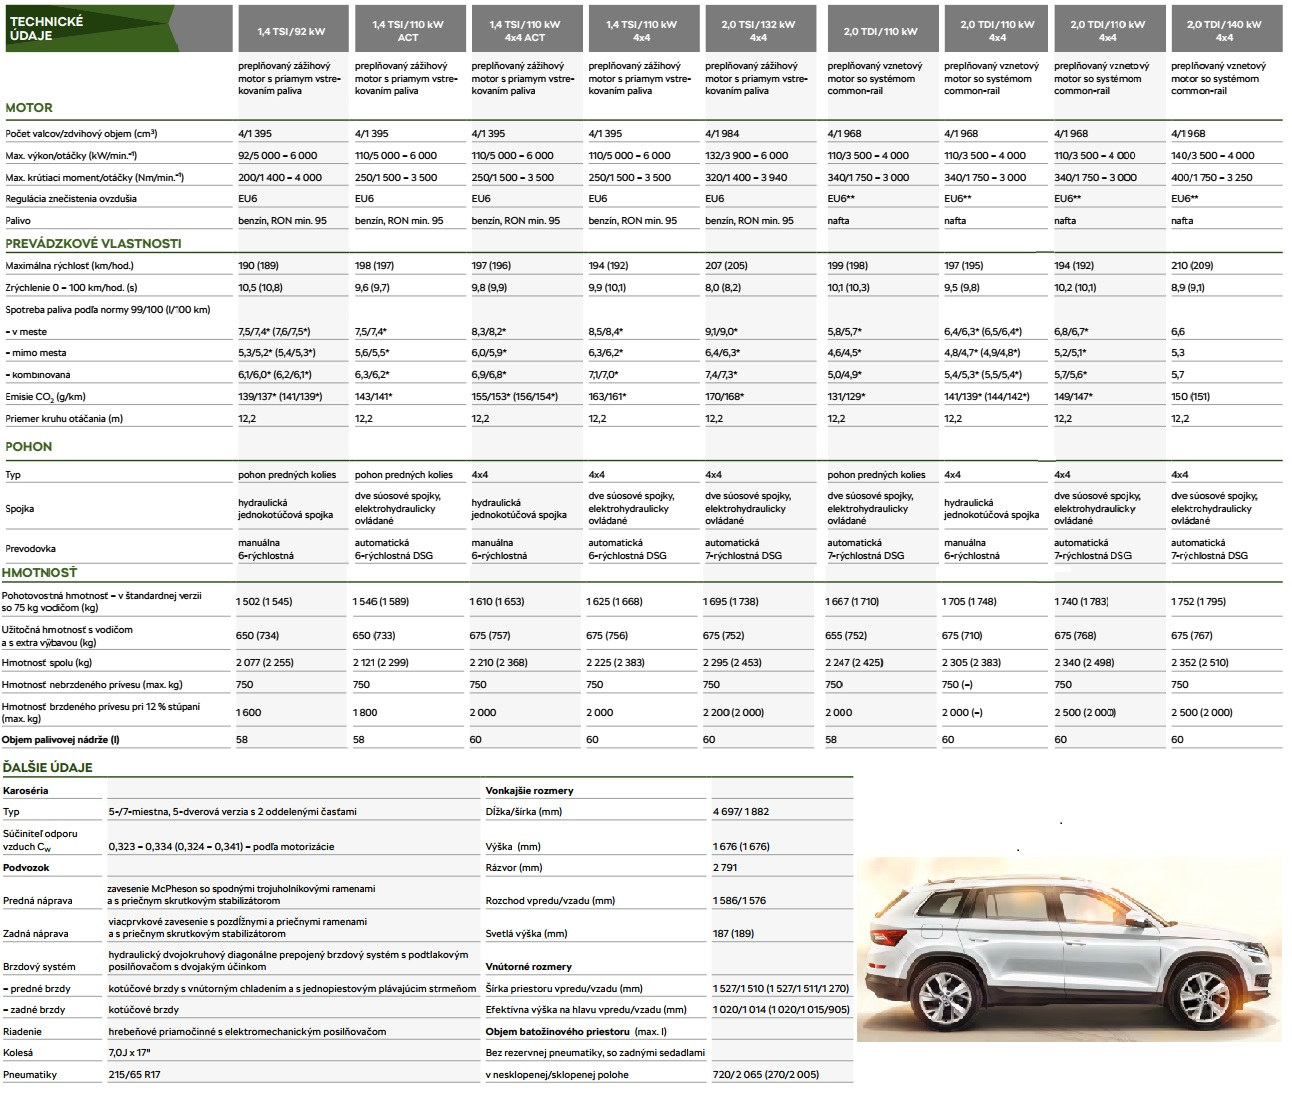 Technické údaje Škoda Kodiaq